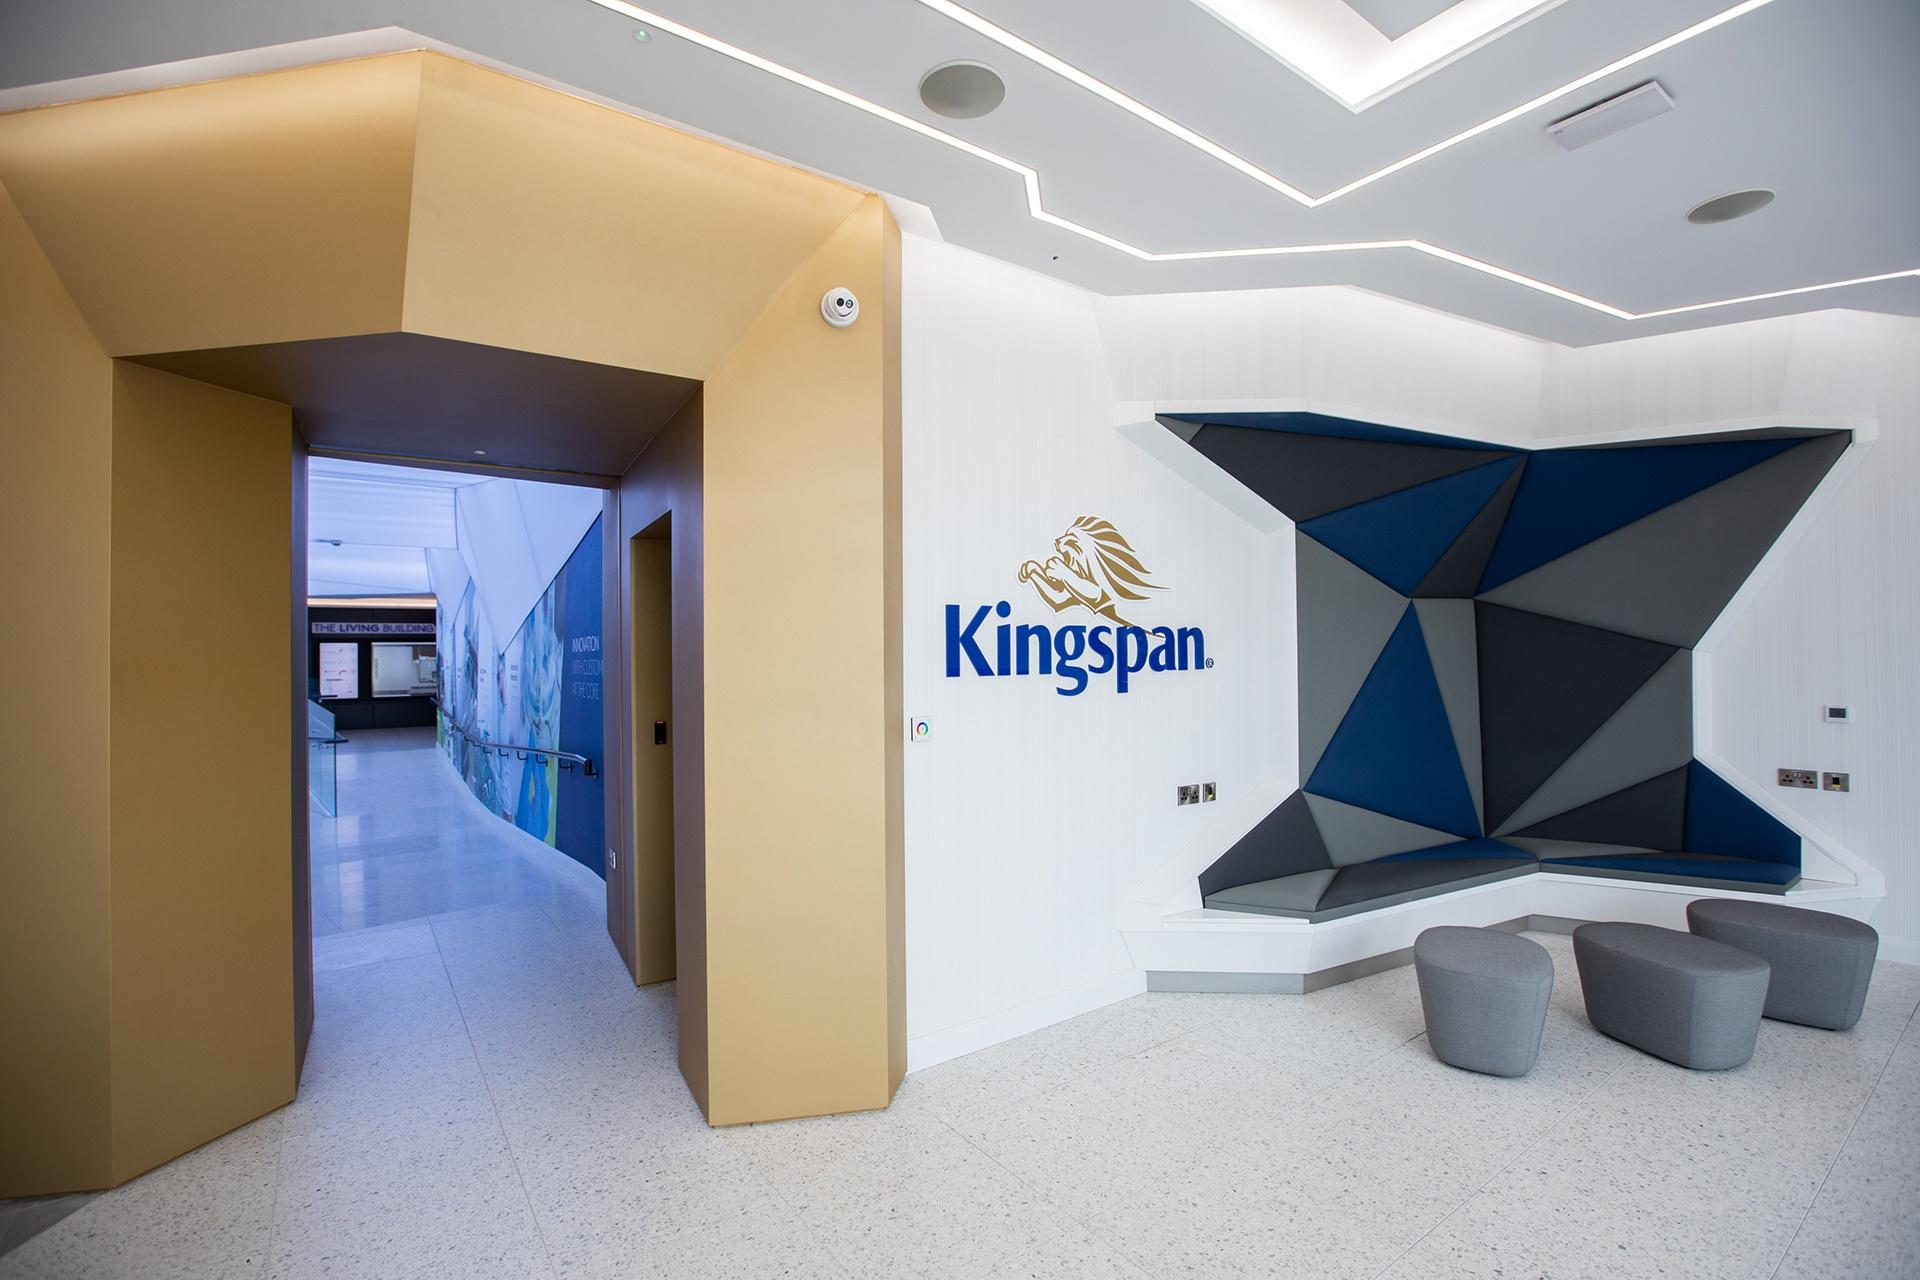 Kingspan_IKON_interier_image_1920_ny